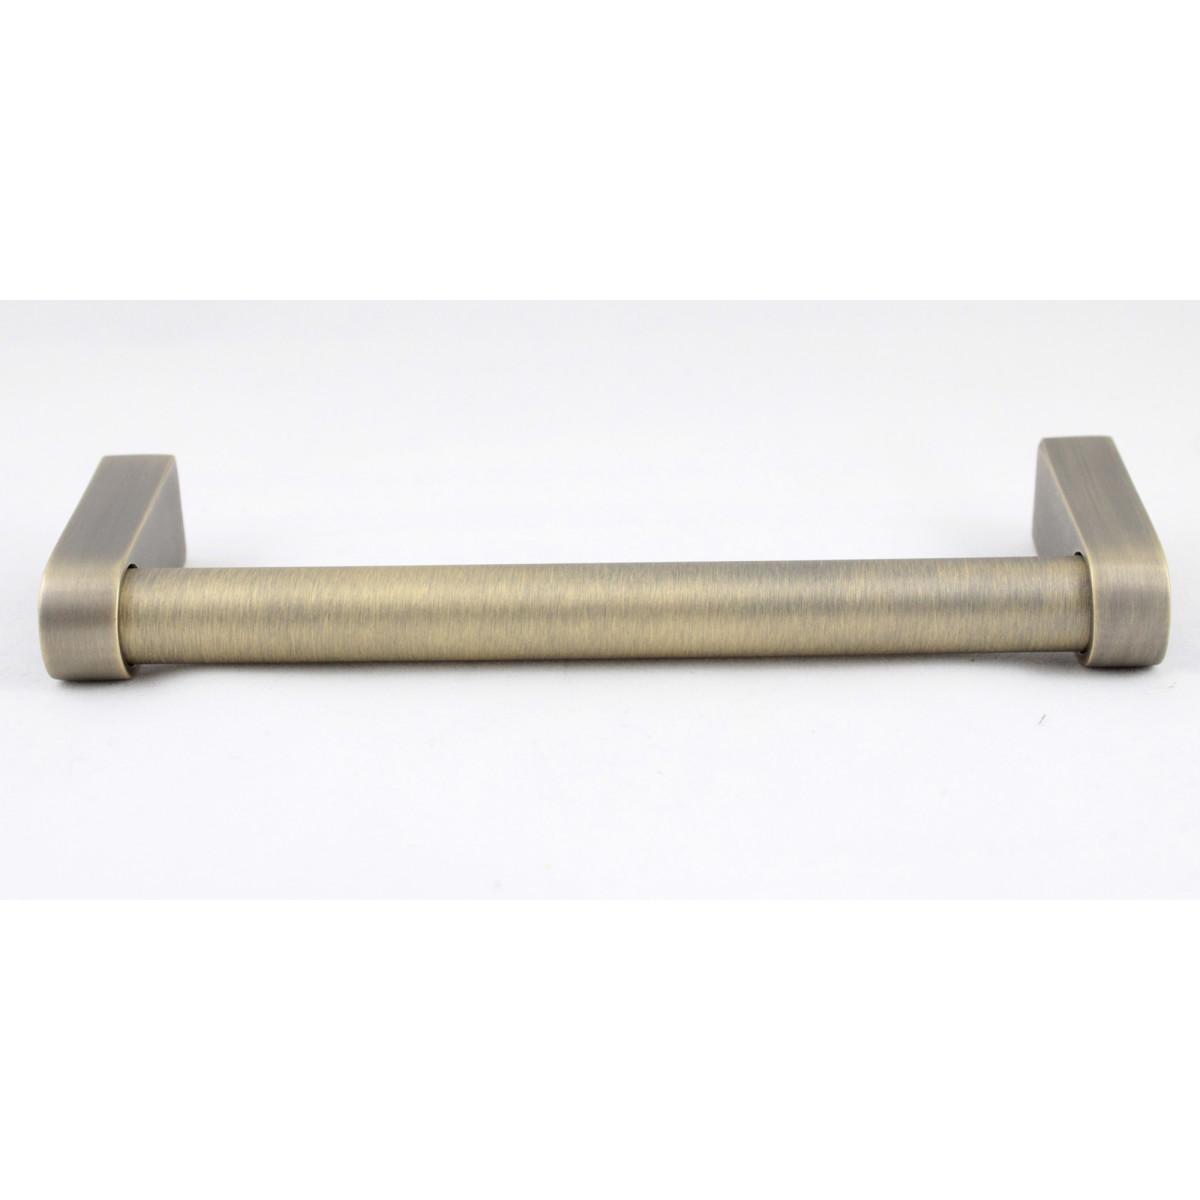 Ручка-Скоба Modda 128 Латунь Бронза Cosmo-01-910-14-128